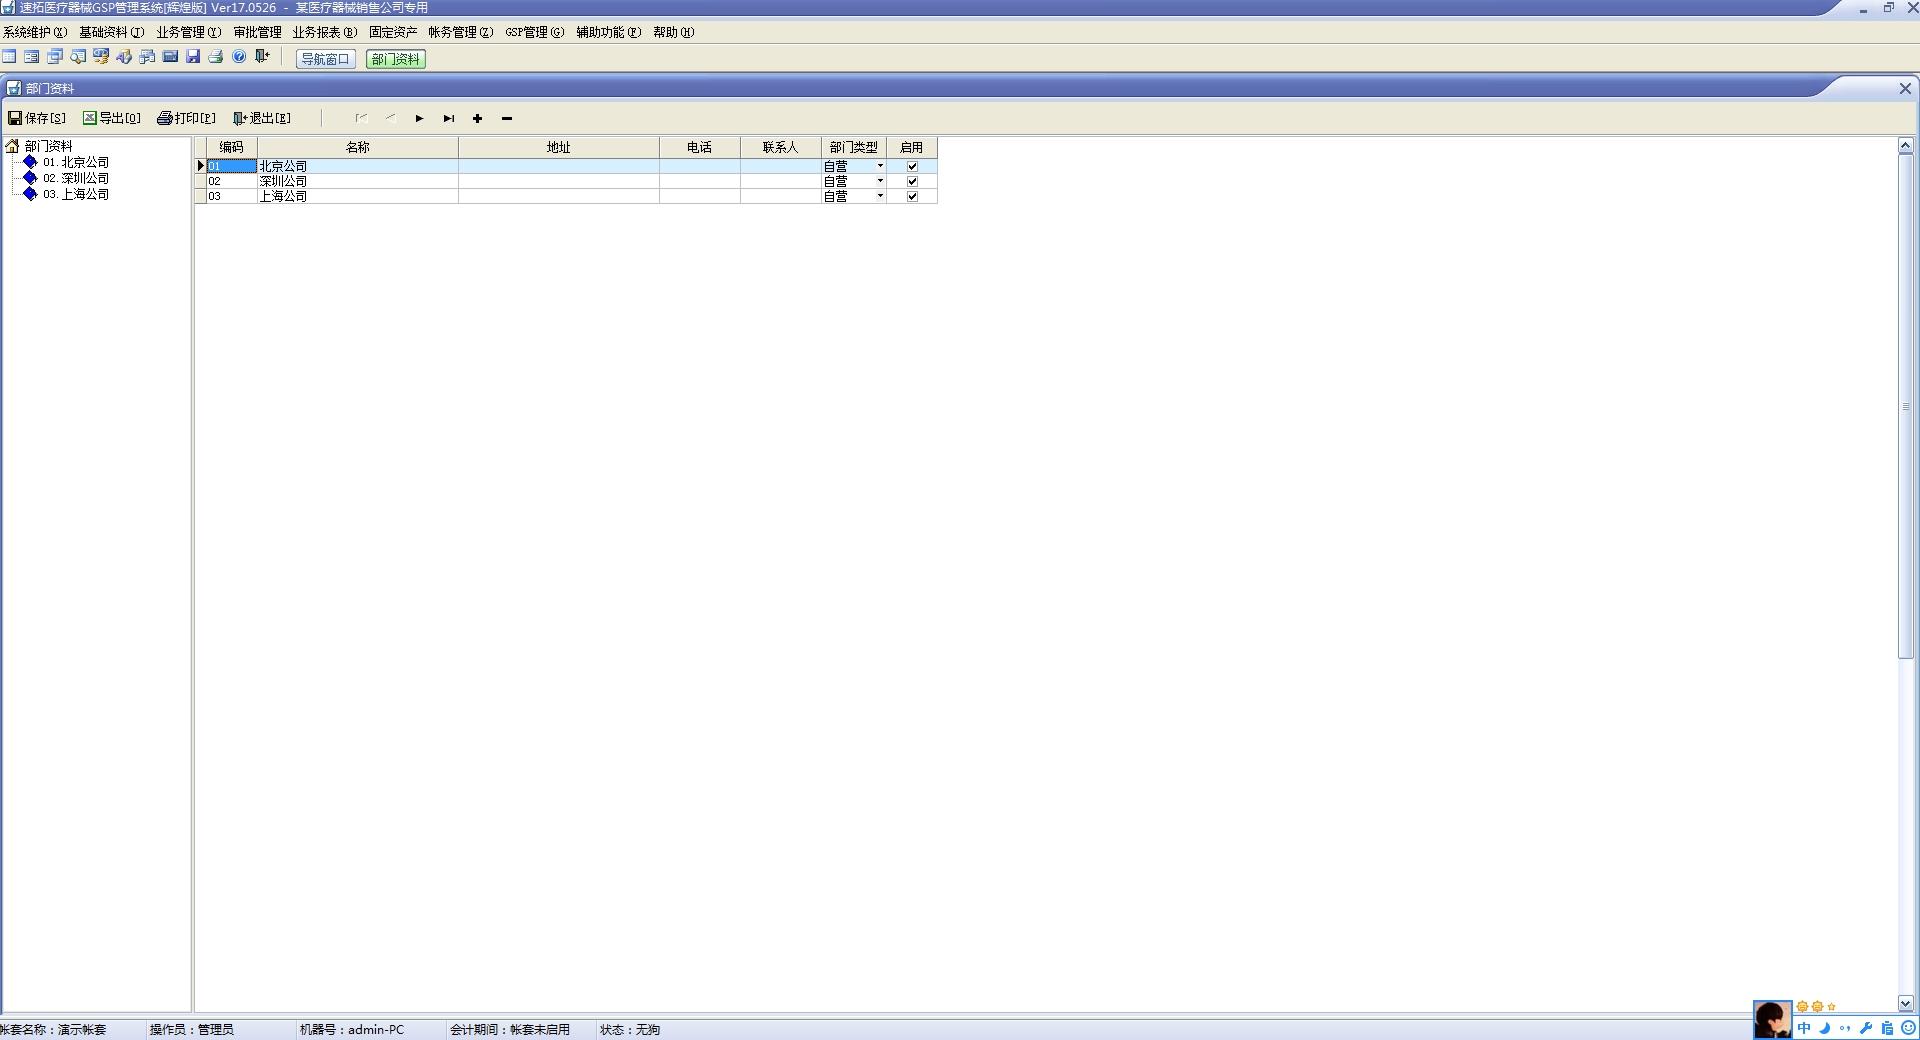 速拓医疗器械gsp管理系统(辉煌版) v17.0513 官方最新版 3